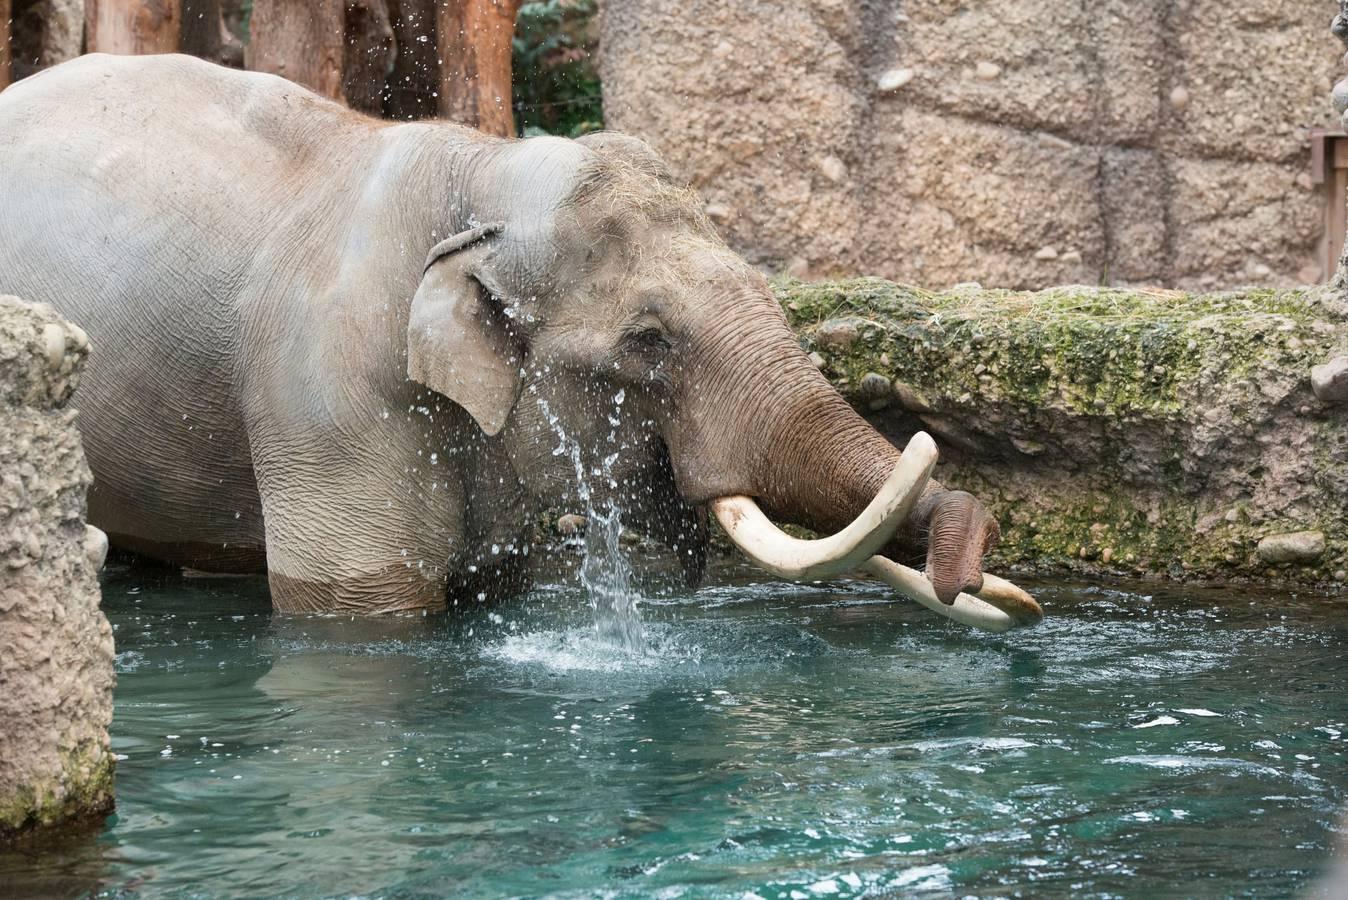 Im Indoor-Pool seines neuen Zuhauses bleibt Maxi allerdings lieber im seichten Bereich des Wassers. (© Zoo Zürich/Jean-Luc Grossmann)